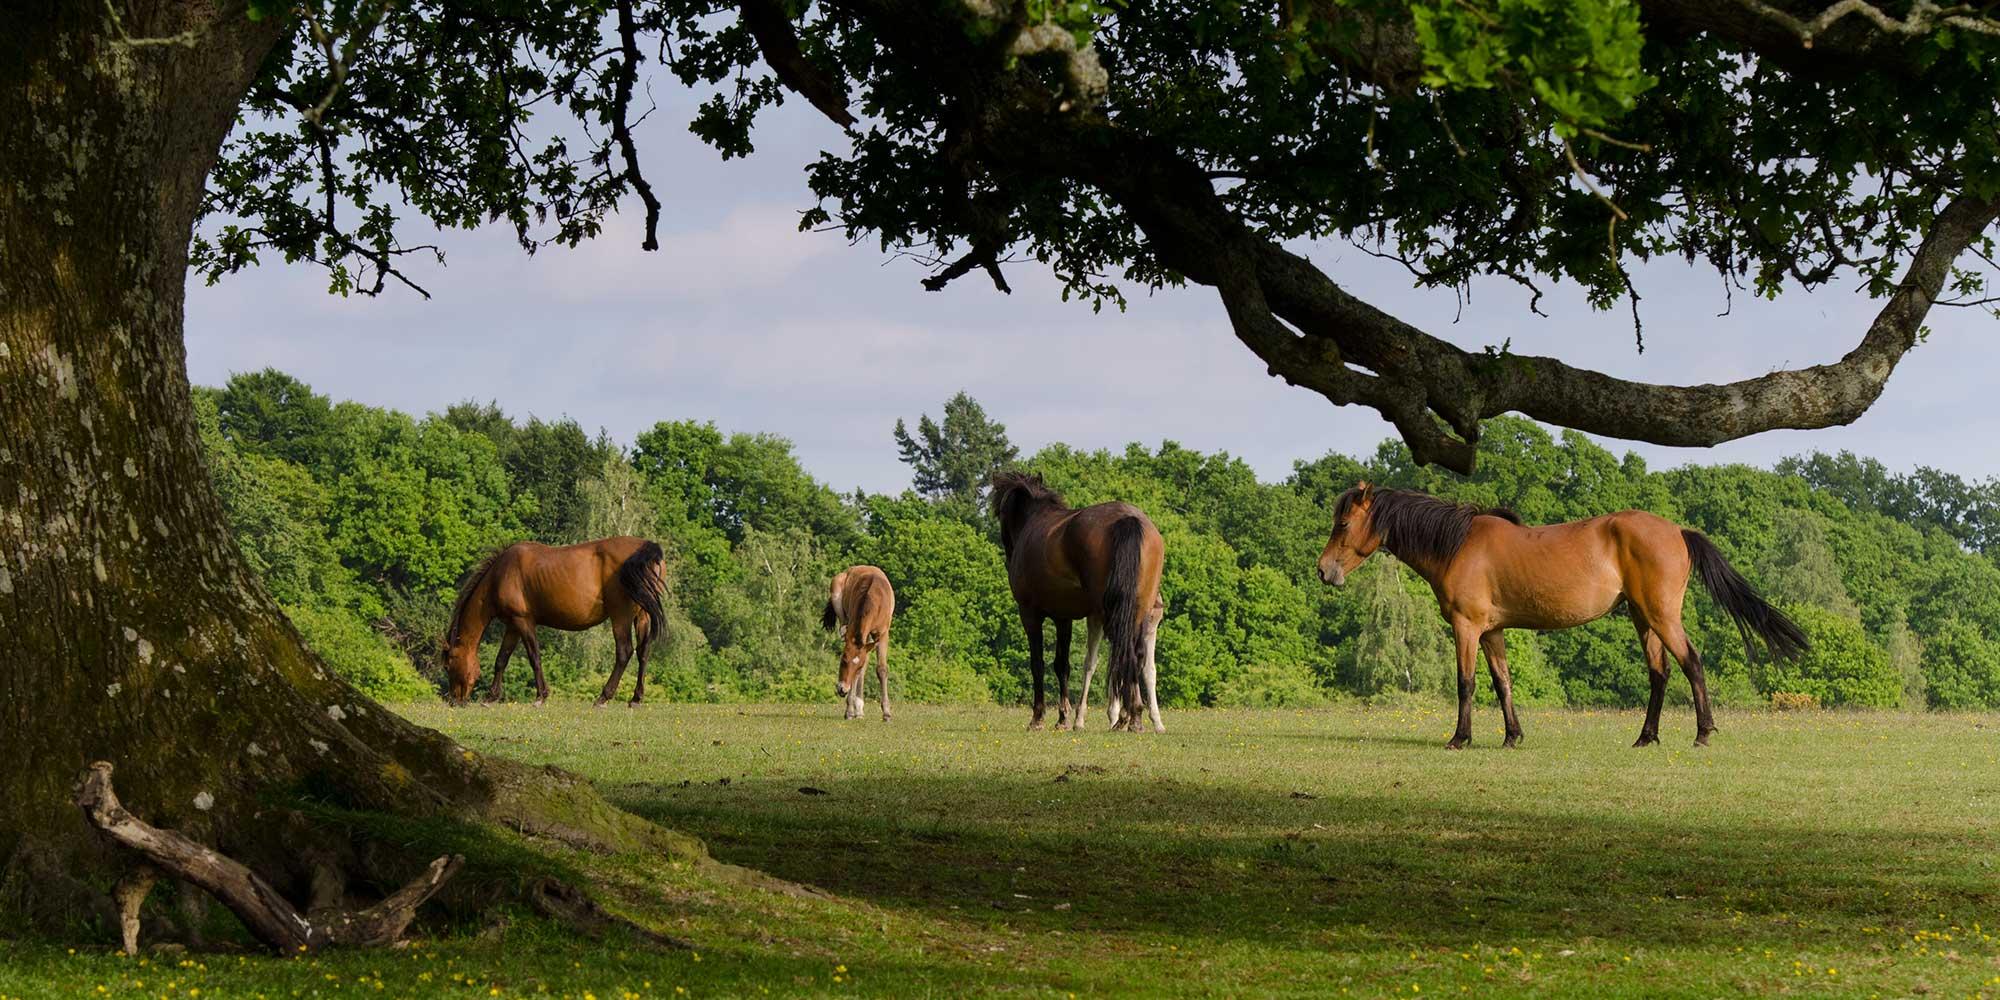 Chestnut ponies grazing beside a large oak tree in full leaf